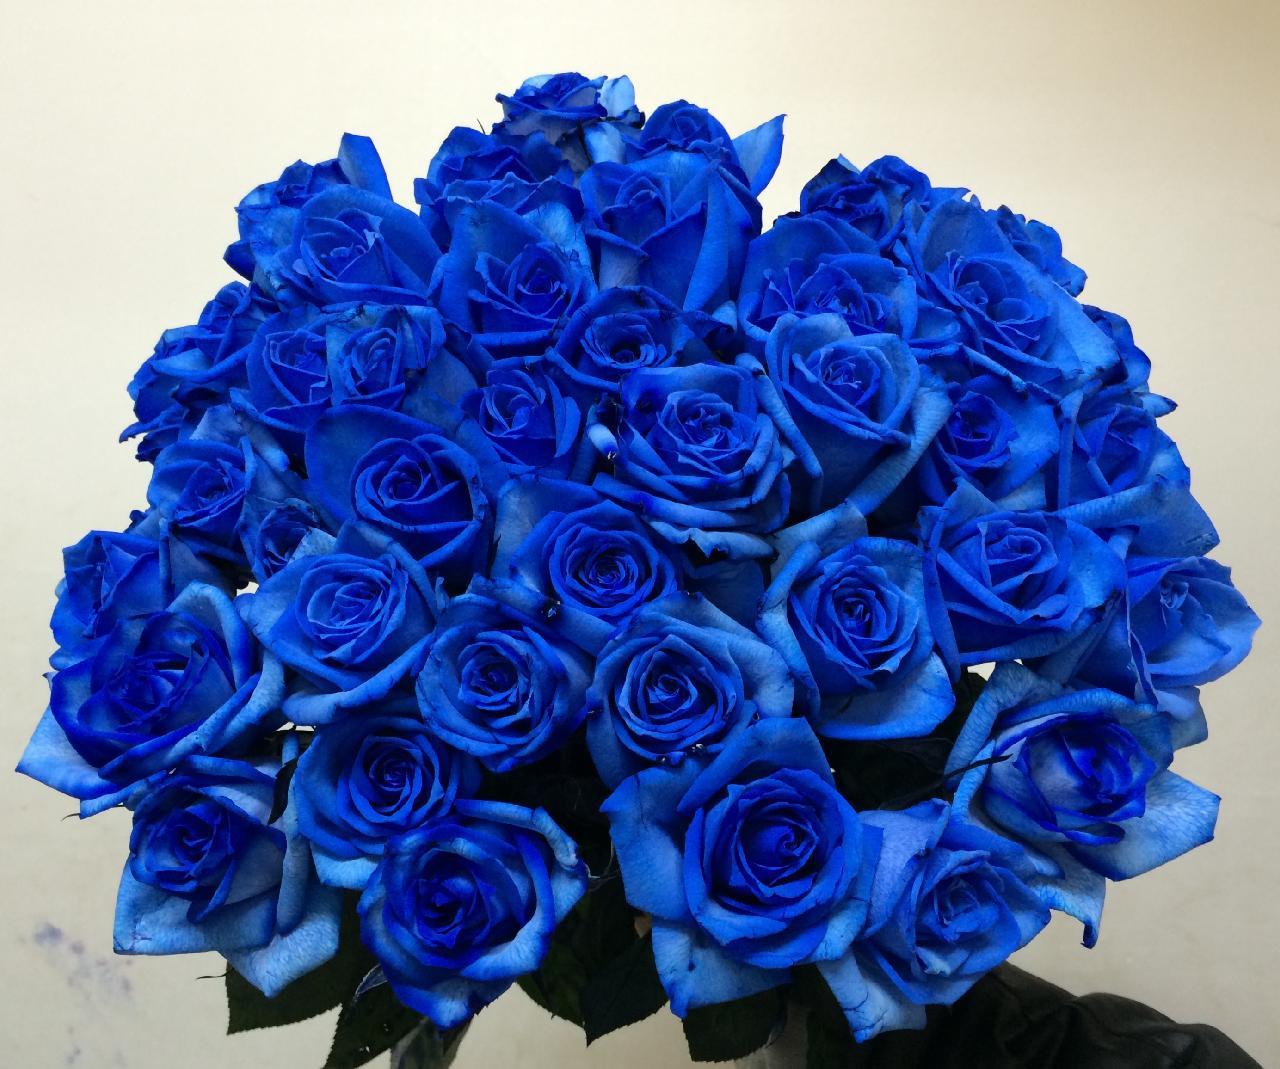 50本のバラの花束「ブルー」